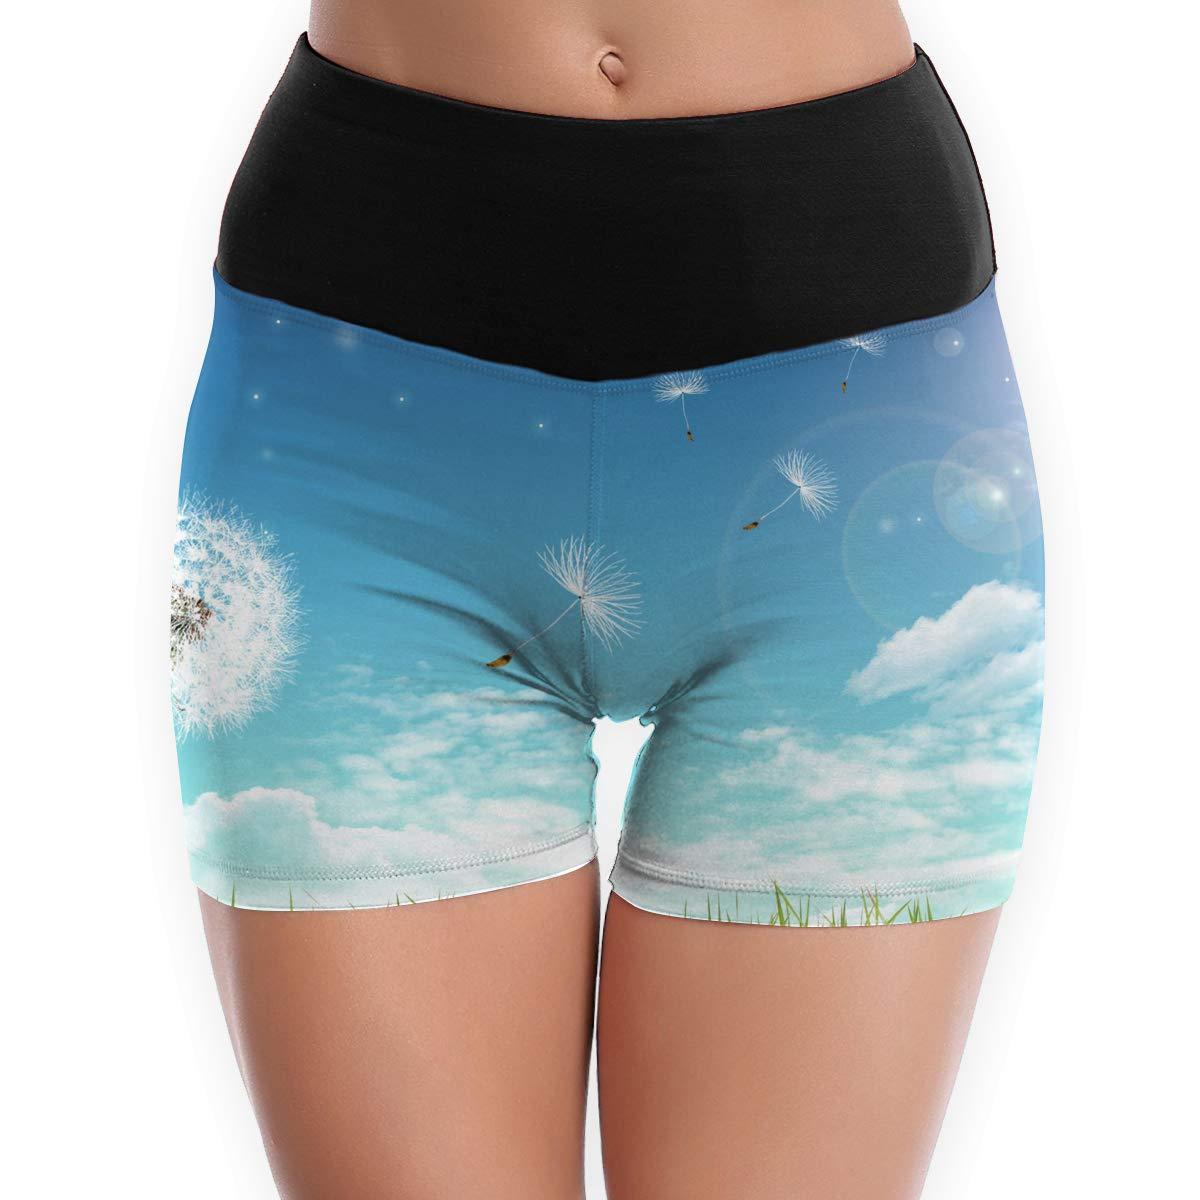 Kui Ju Womens Yoga Shorts Dandelion Art Picture High Waist Power Flex Workout Running Short